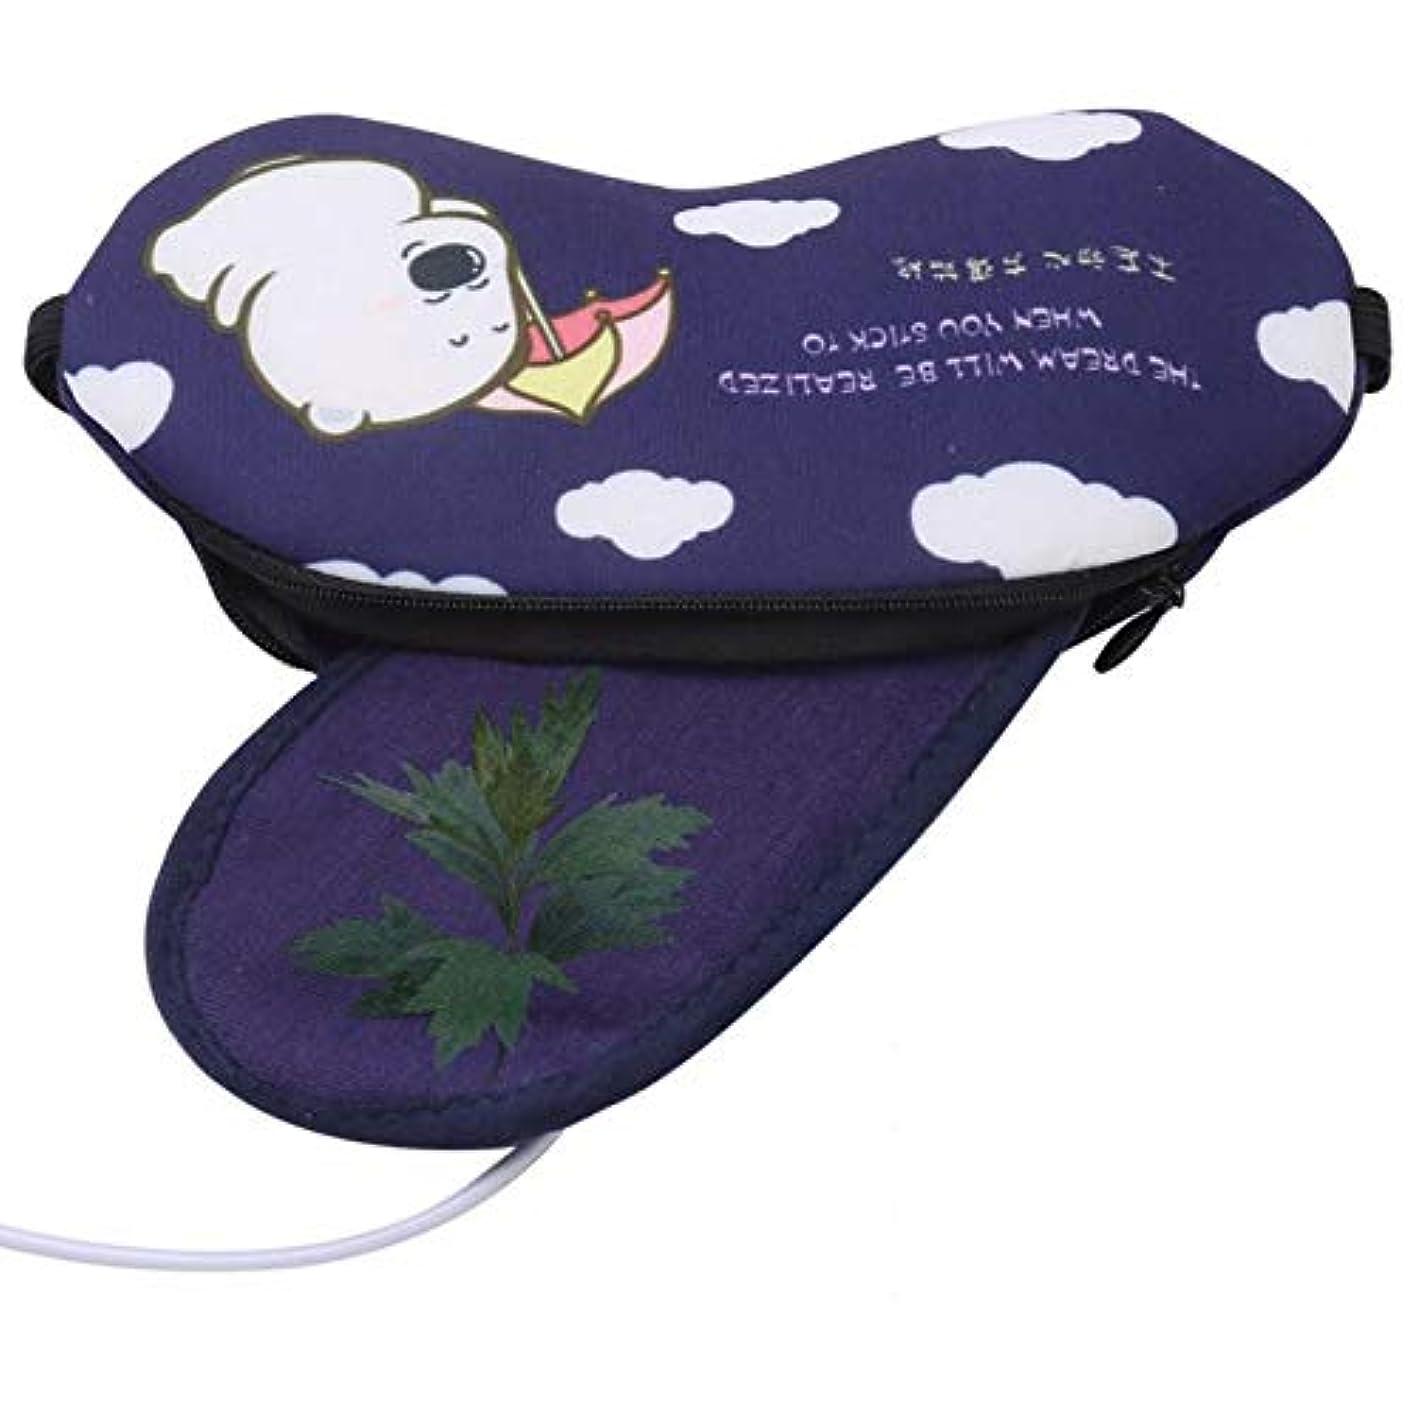 航空機くさび大使館注意事項HANRIVER USB暖房電気ホットパックスチームアイマスク暖房快適な睡眠軽減目の疲れを軽減ダークサークル